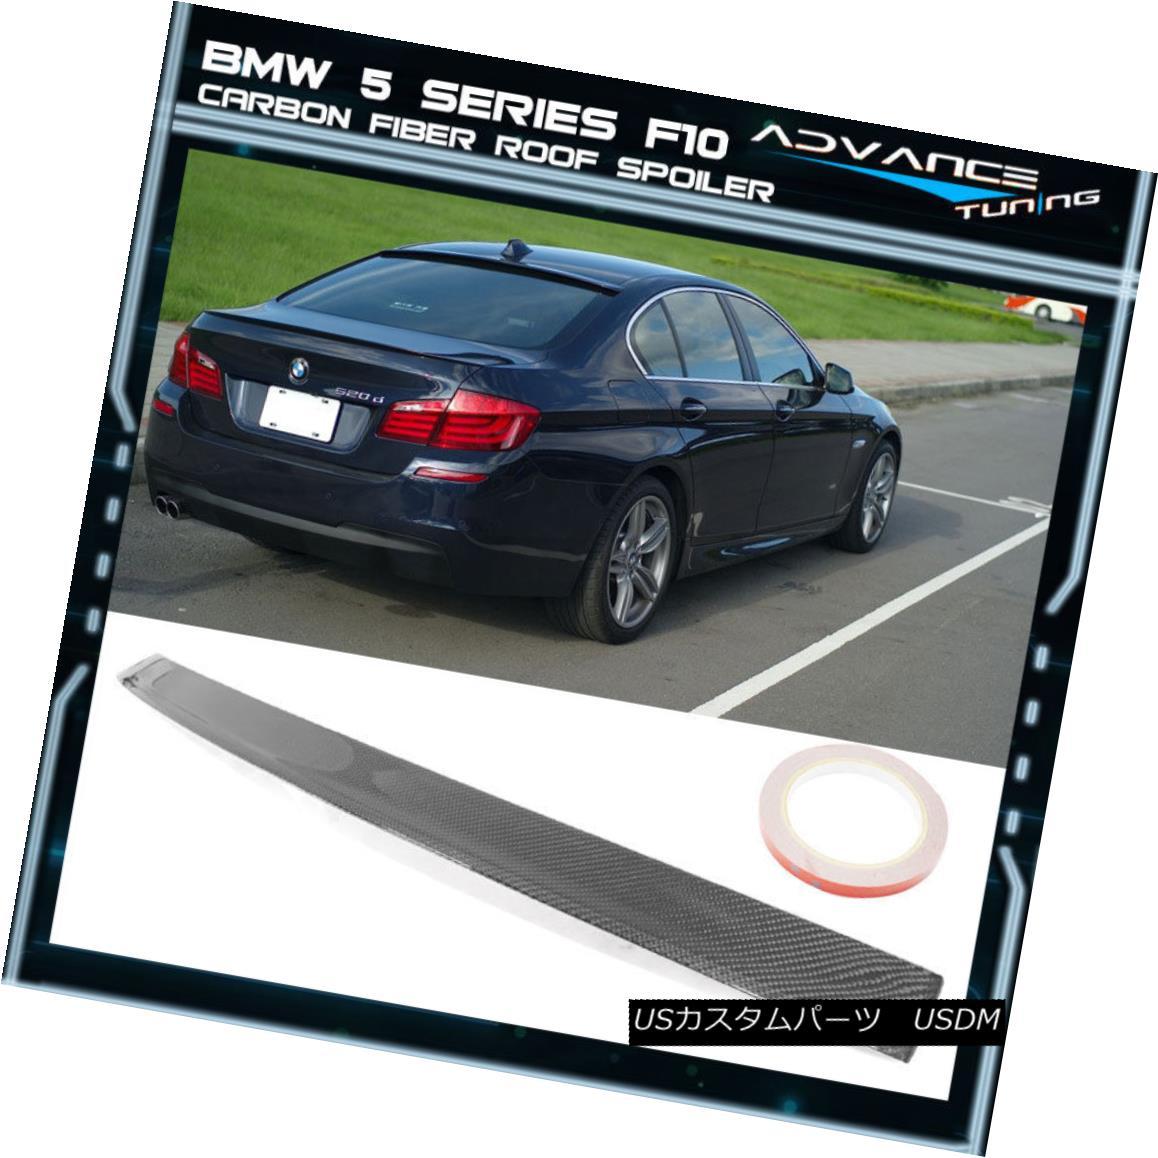 エアロパーツ 11-16 BMW 5 Series F10 3D Style Roof Spoiler Carbon Fiber CF 11-16 BMW 5シリーズF10 3DスタイルルーフスポイラーカーボンファイバーCF